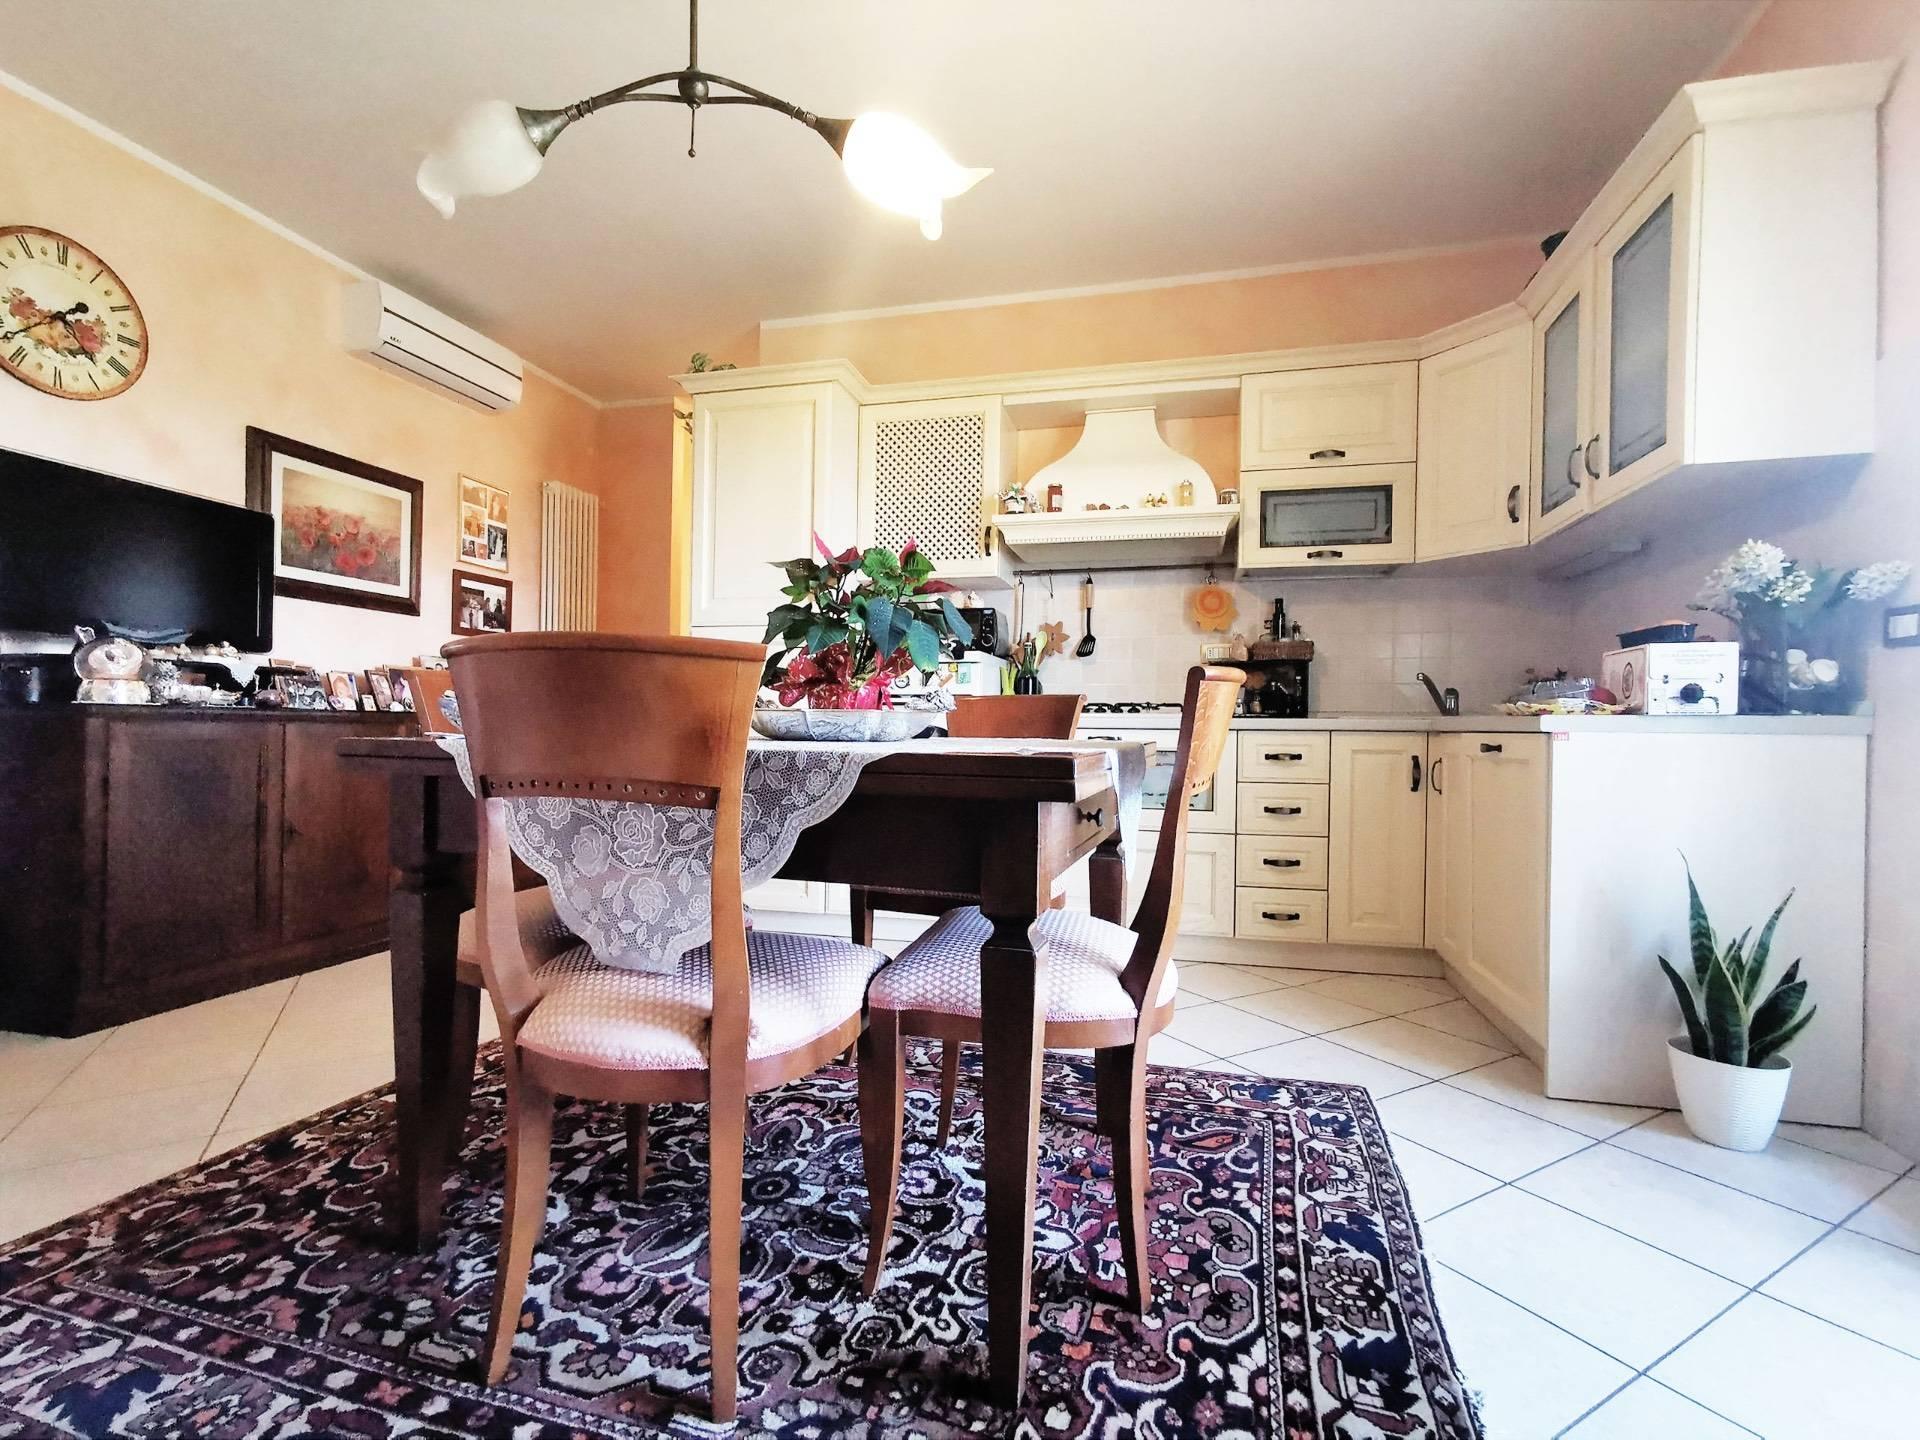 Appartamento in vendita a Santa Maria a Monte, 3 locali, zona Località: Montecalvoliinbasso, prezzo € 105.000 | CambioCasa.it